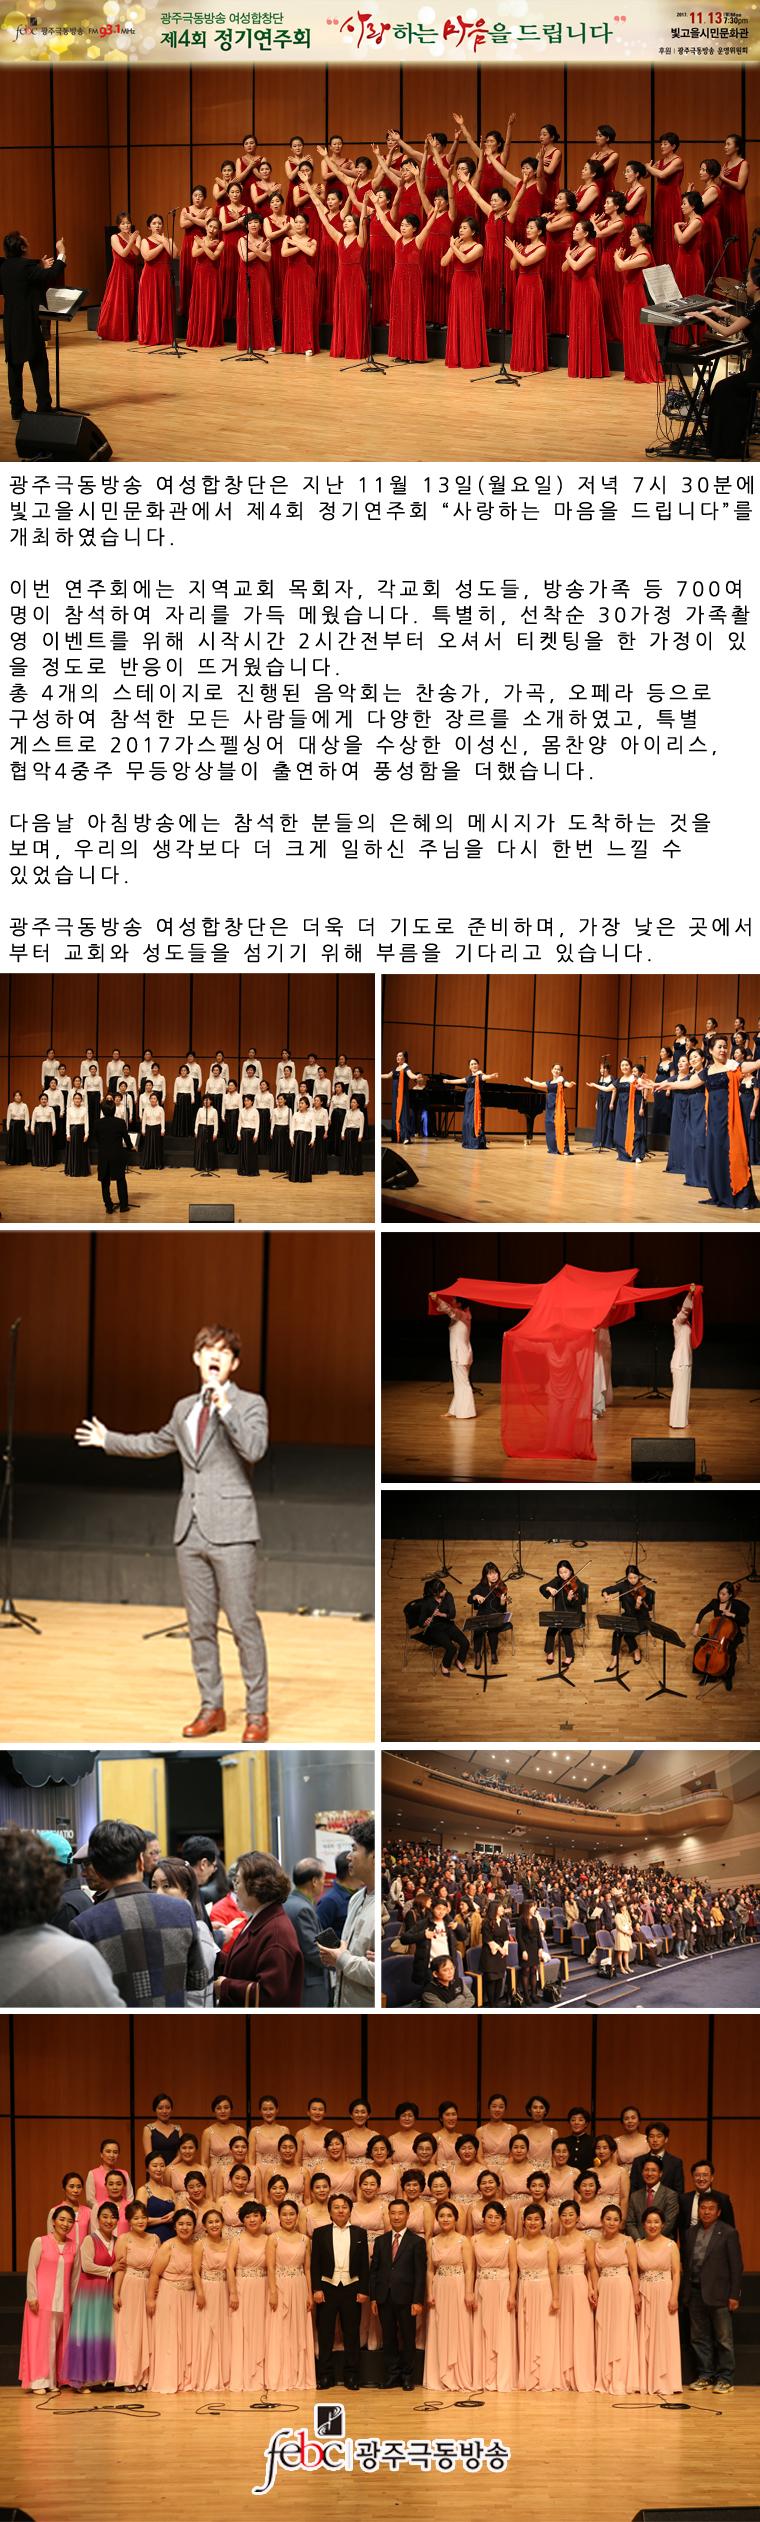 171113 여성합창단정기연주회.jpg